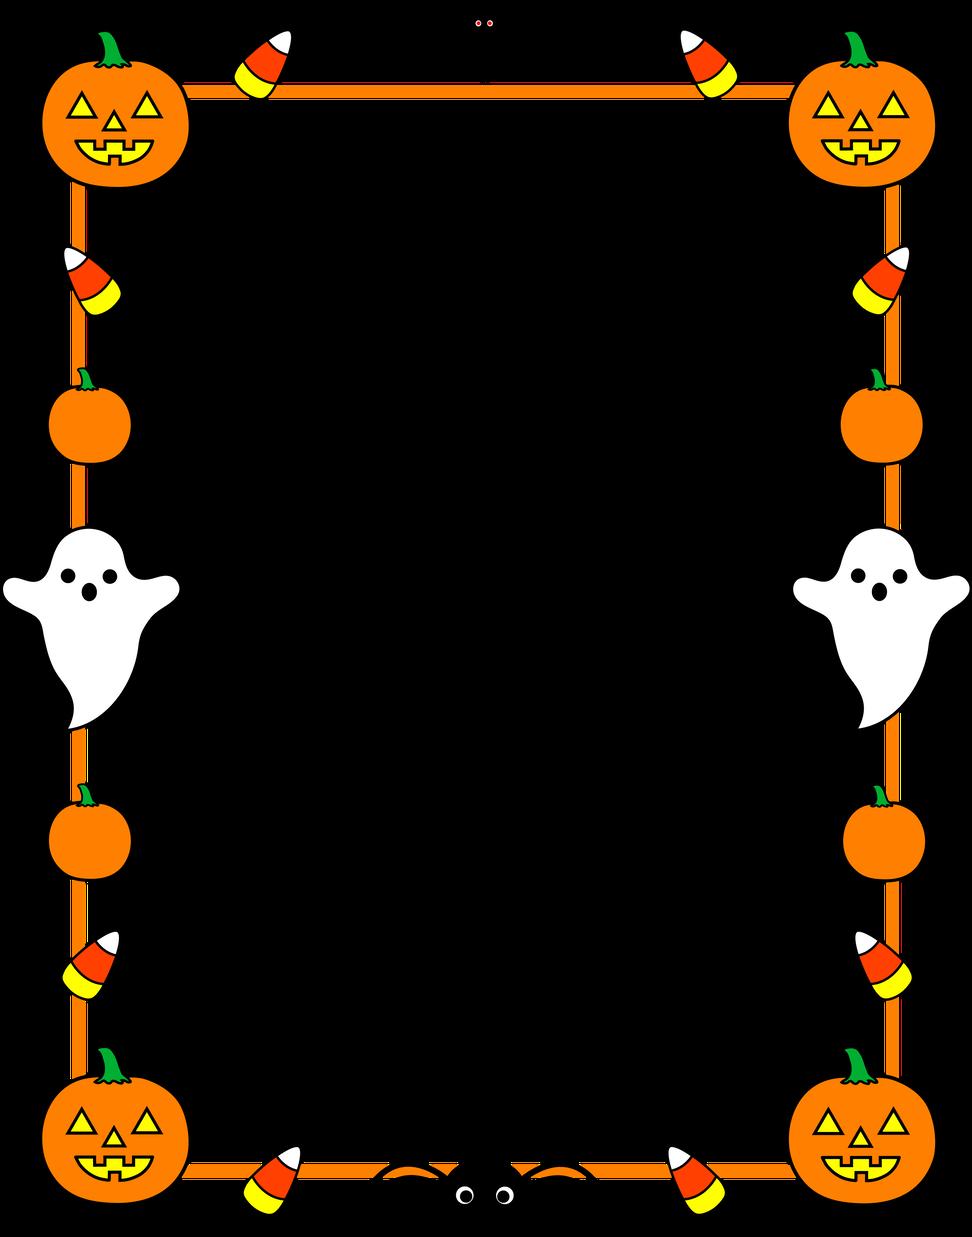 Design for kids best. Clipart borders childrens